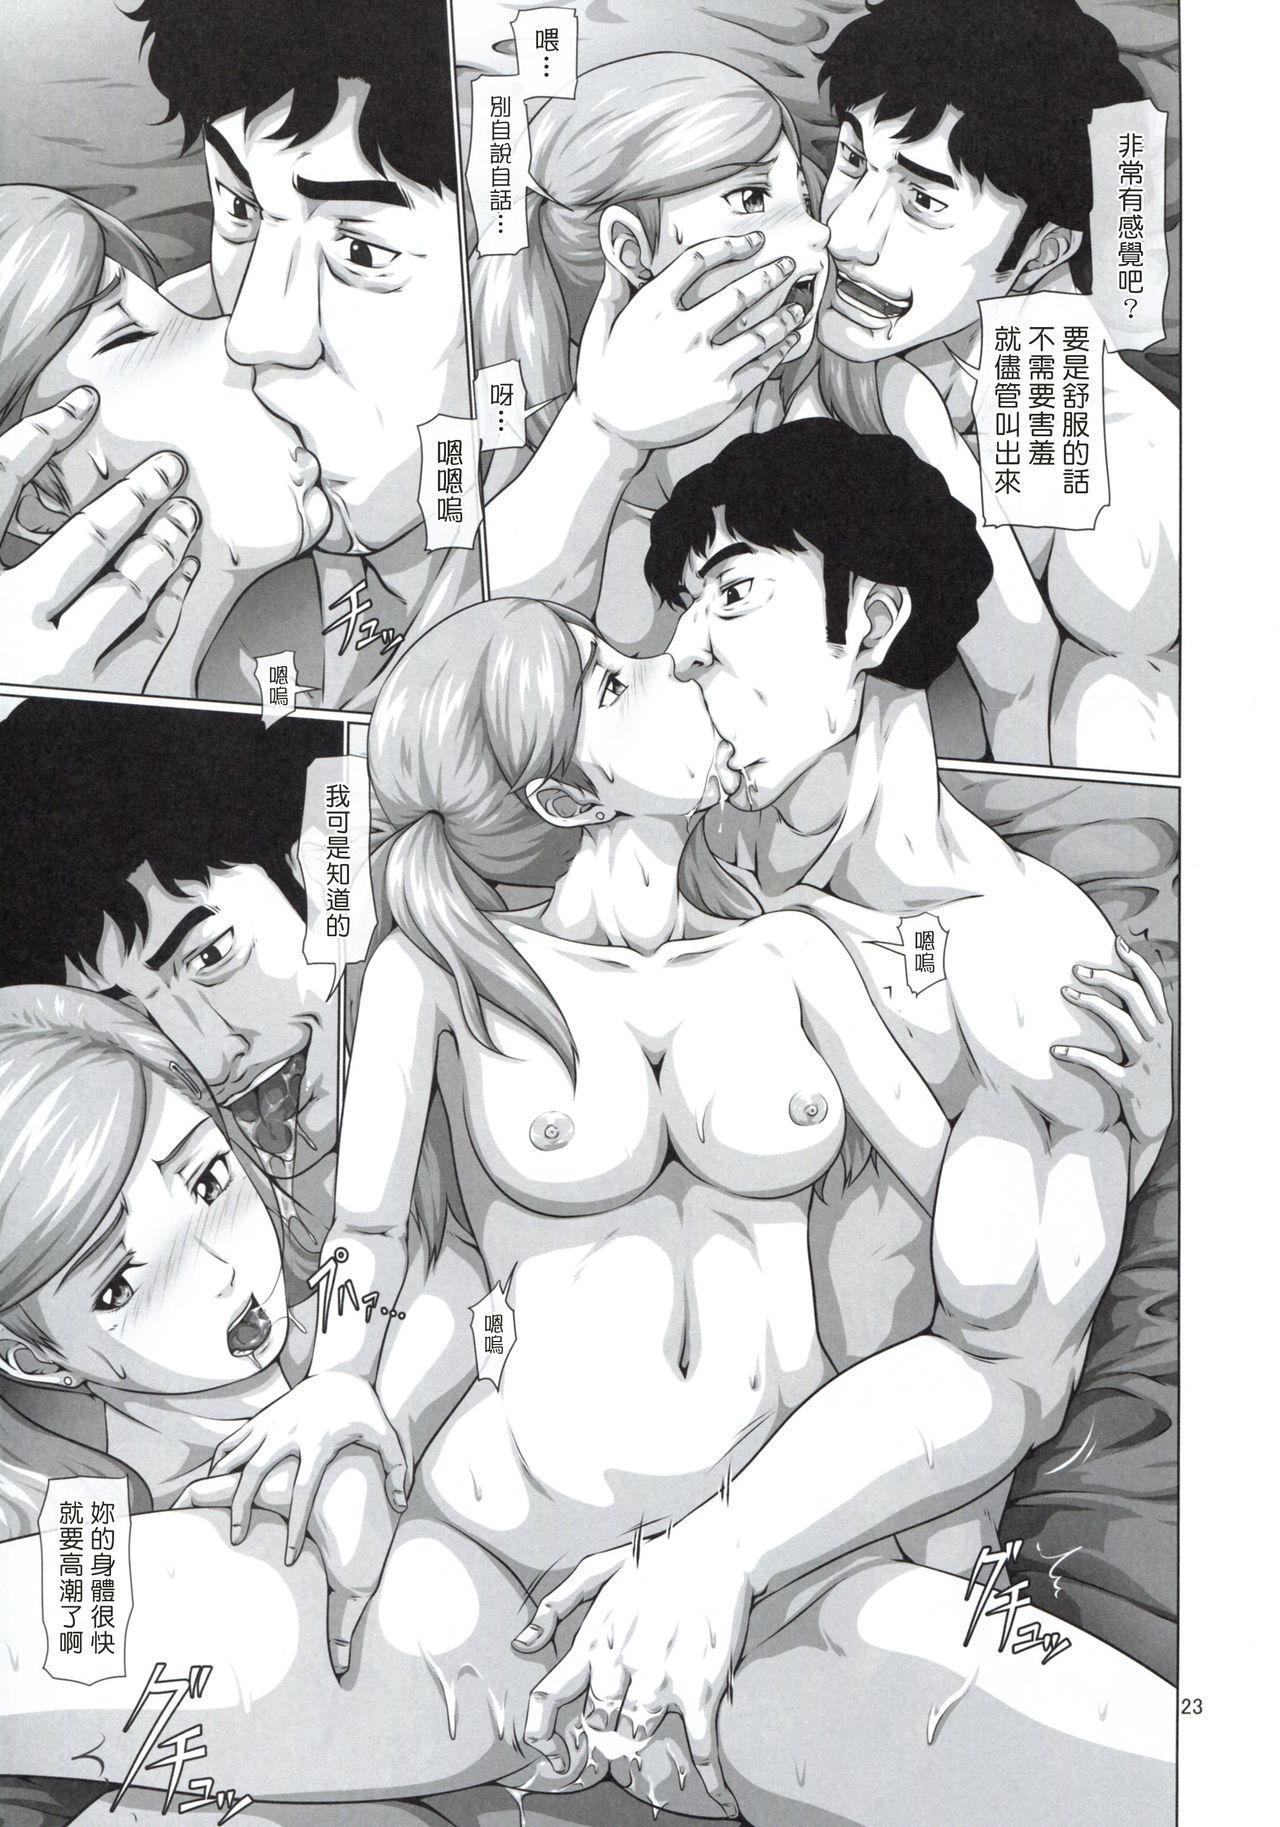 Shinyuu no Migawari ni Hentai Kyoushi ni Karada o Sasageru JK Anne 22